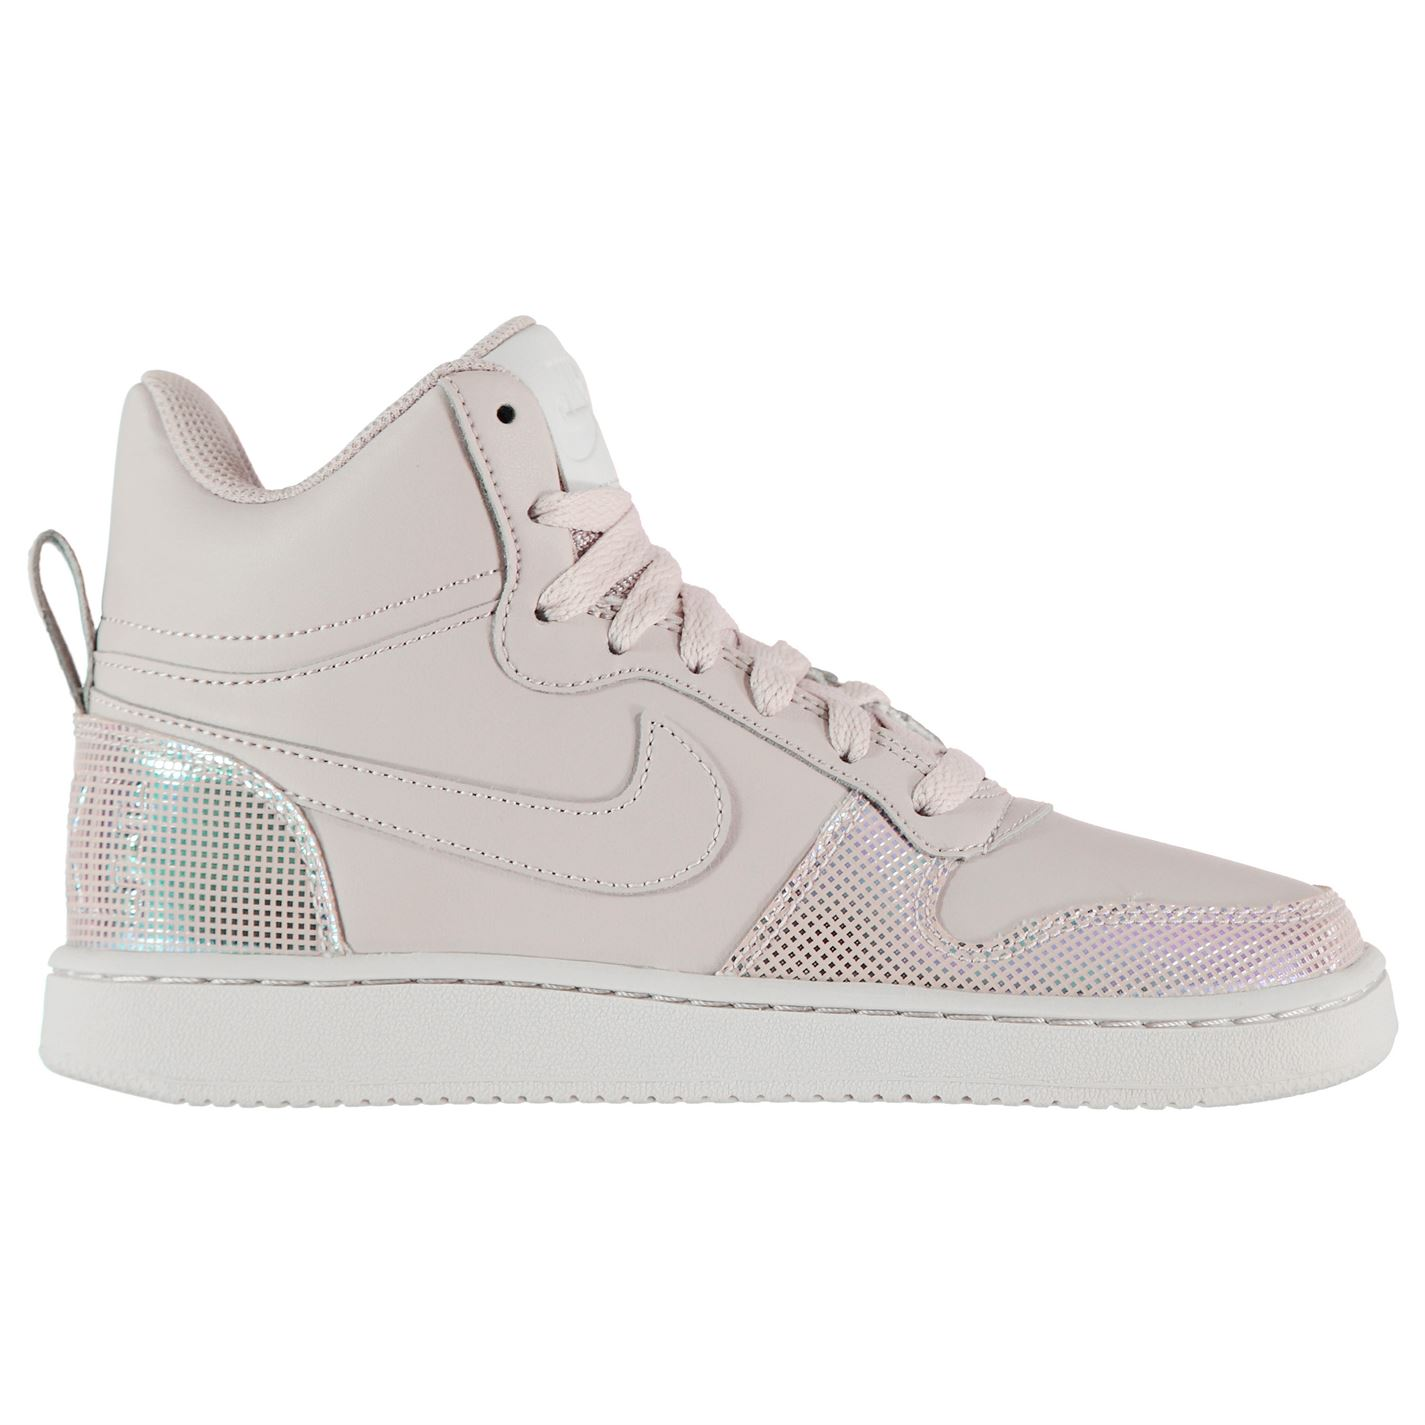 Adidasi sport Nike Court Boro Mid SE pentru Femei rose